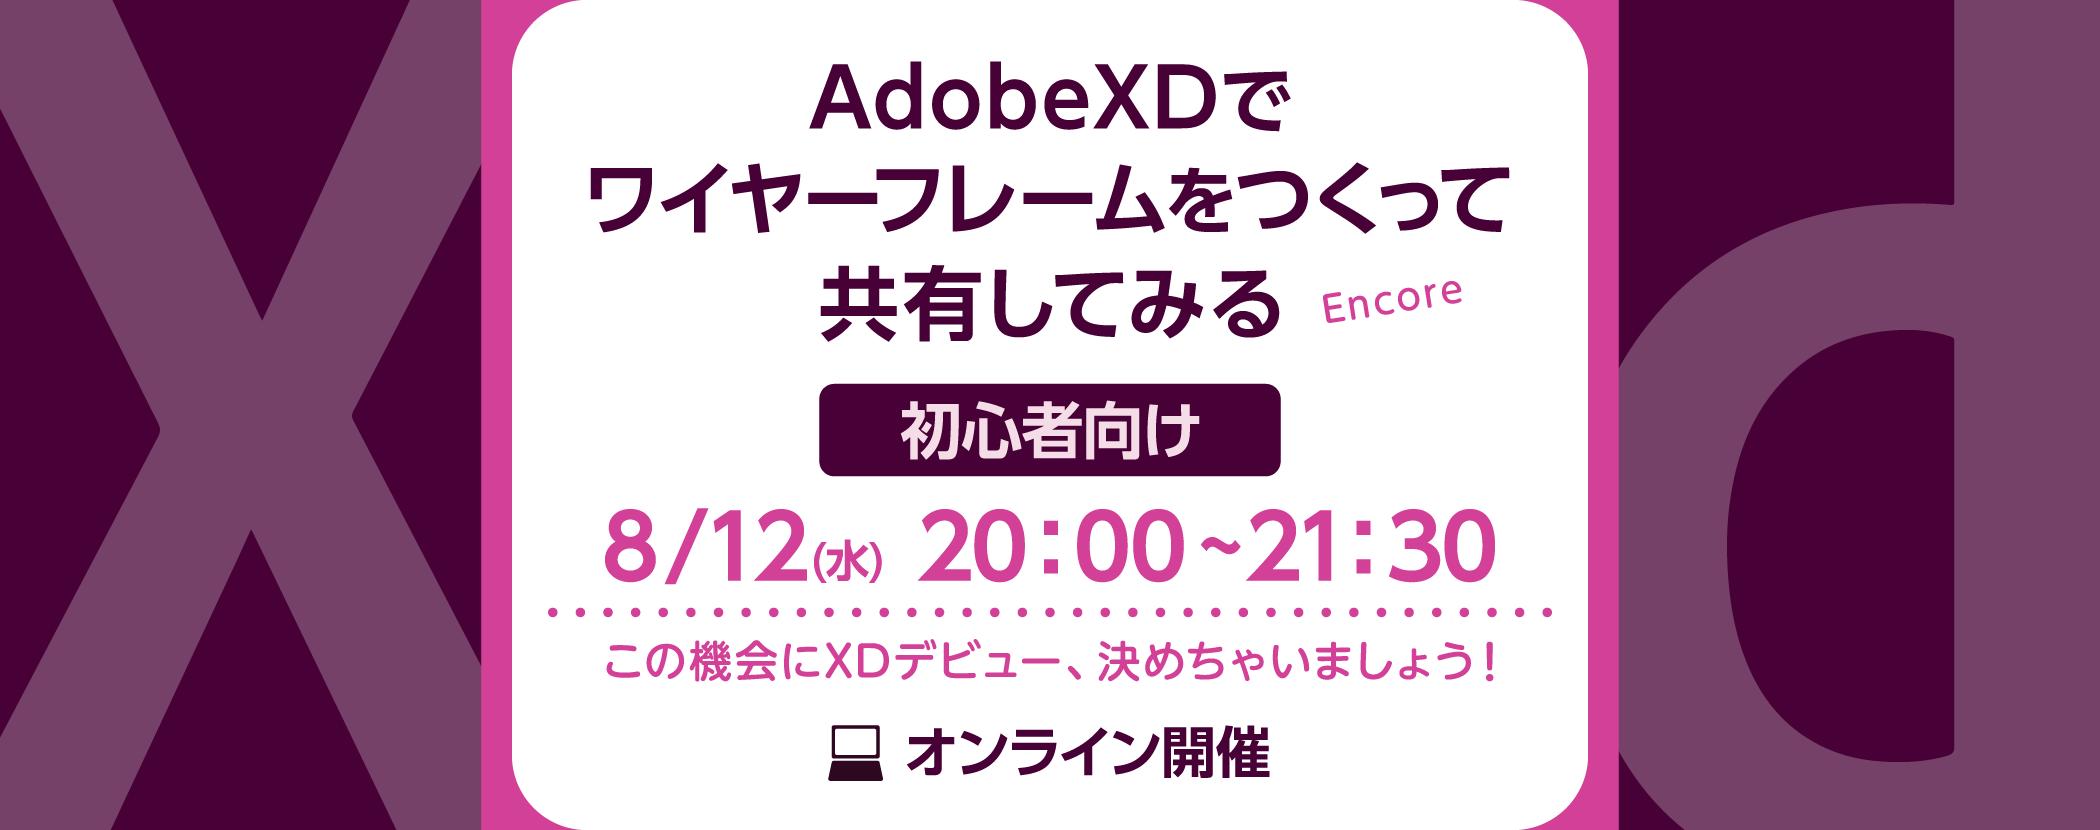 初心者向け AdobeXDでワイヤーフレームをつくって共有してみる